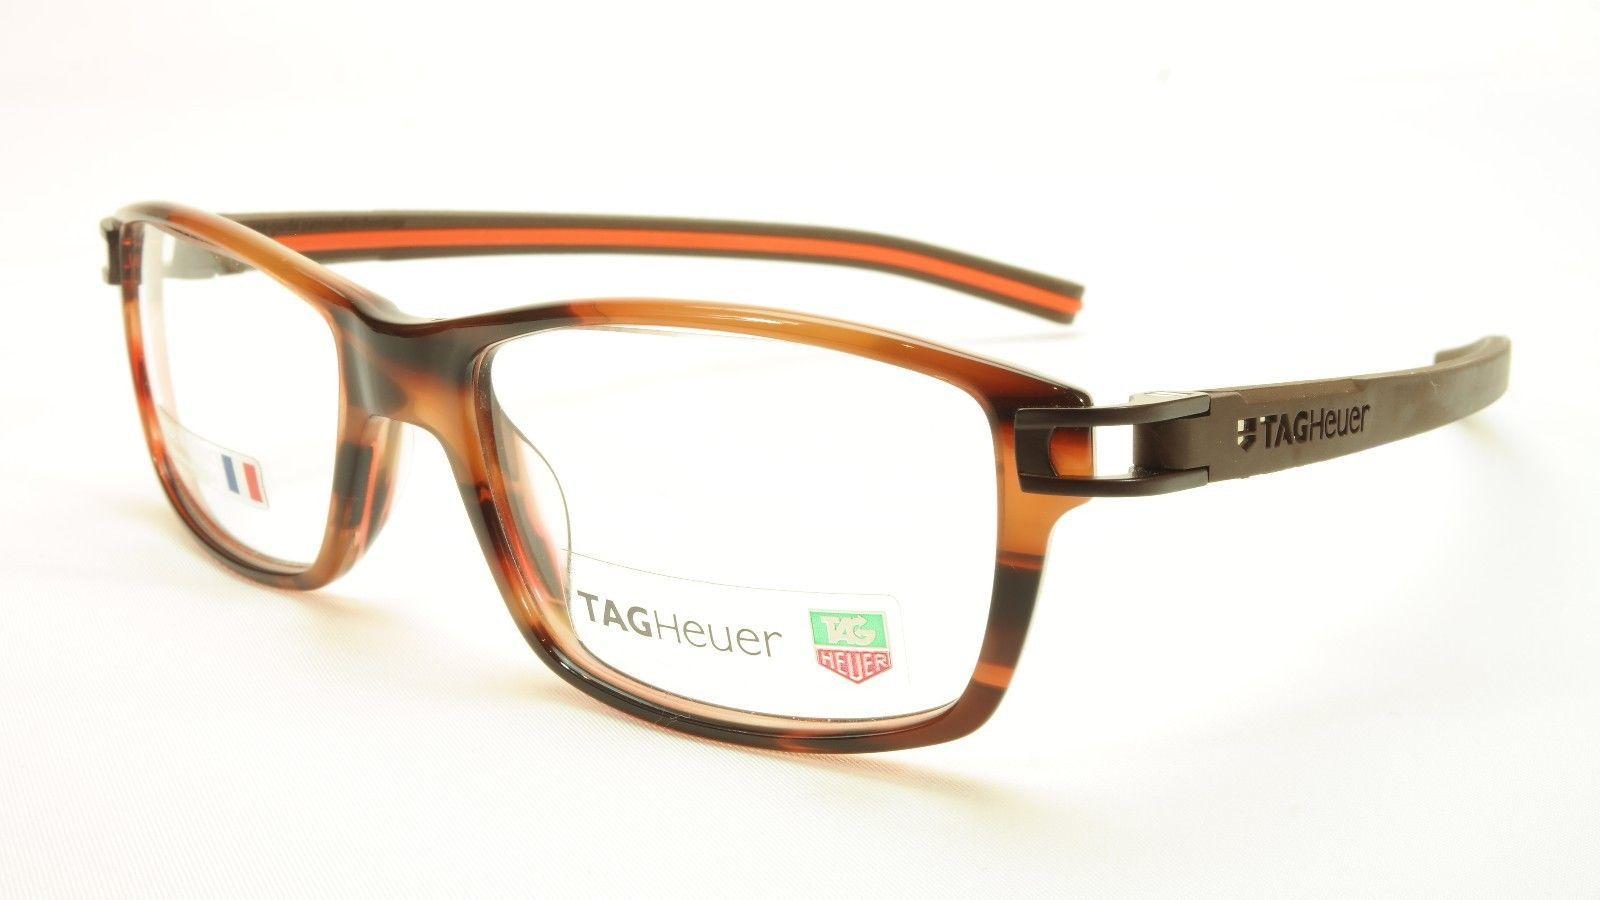 Tag Heuer Eyeglasses TH 7601 002 Brown Havana Orange Chocolate 55-17-145, 34 - $250.58